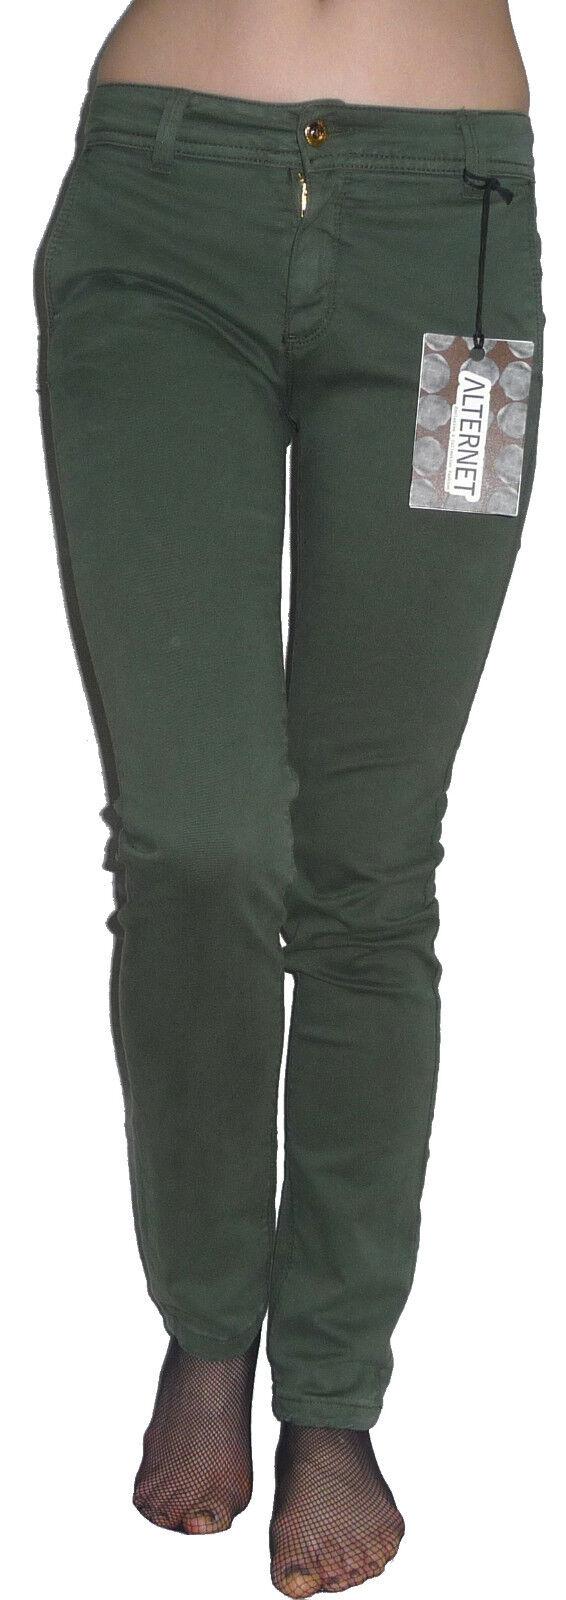 Pantaloni Lunghi Stretti Fustagno Elasticizzati Caldo Cotone Ragazza daMänner Slim